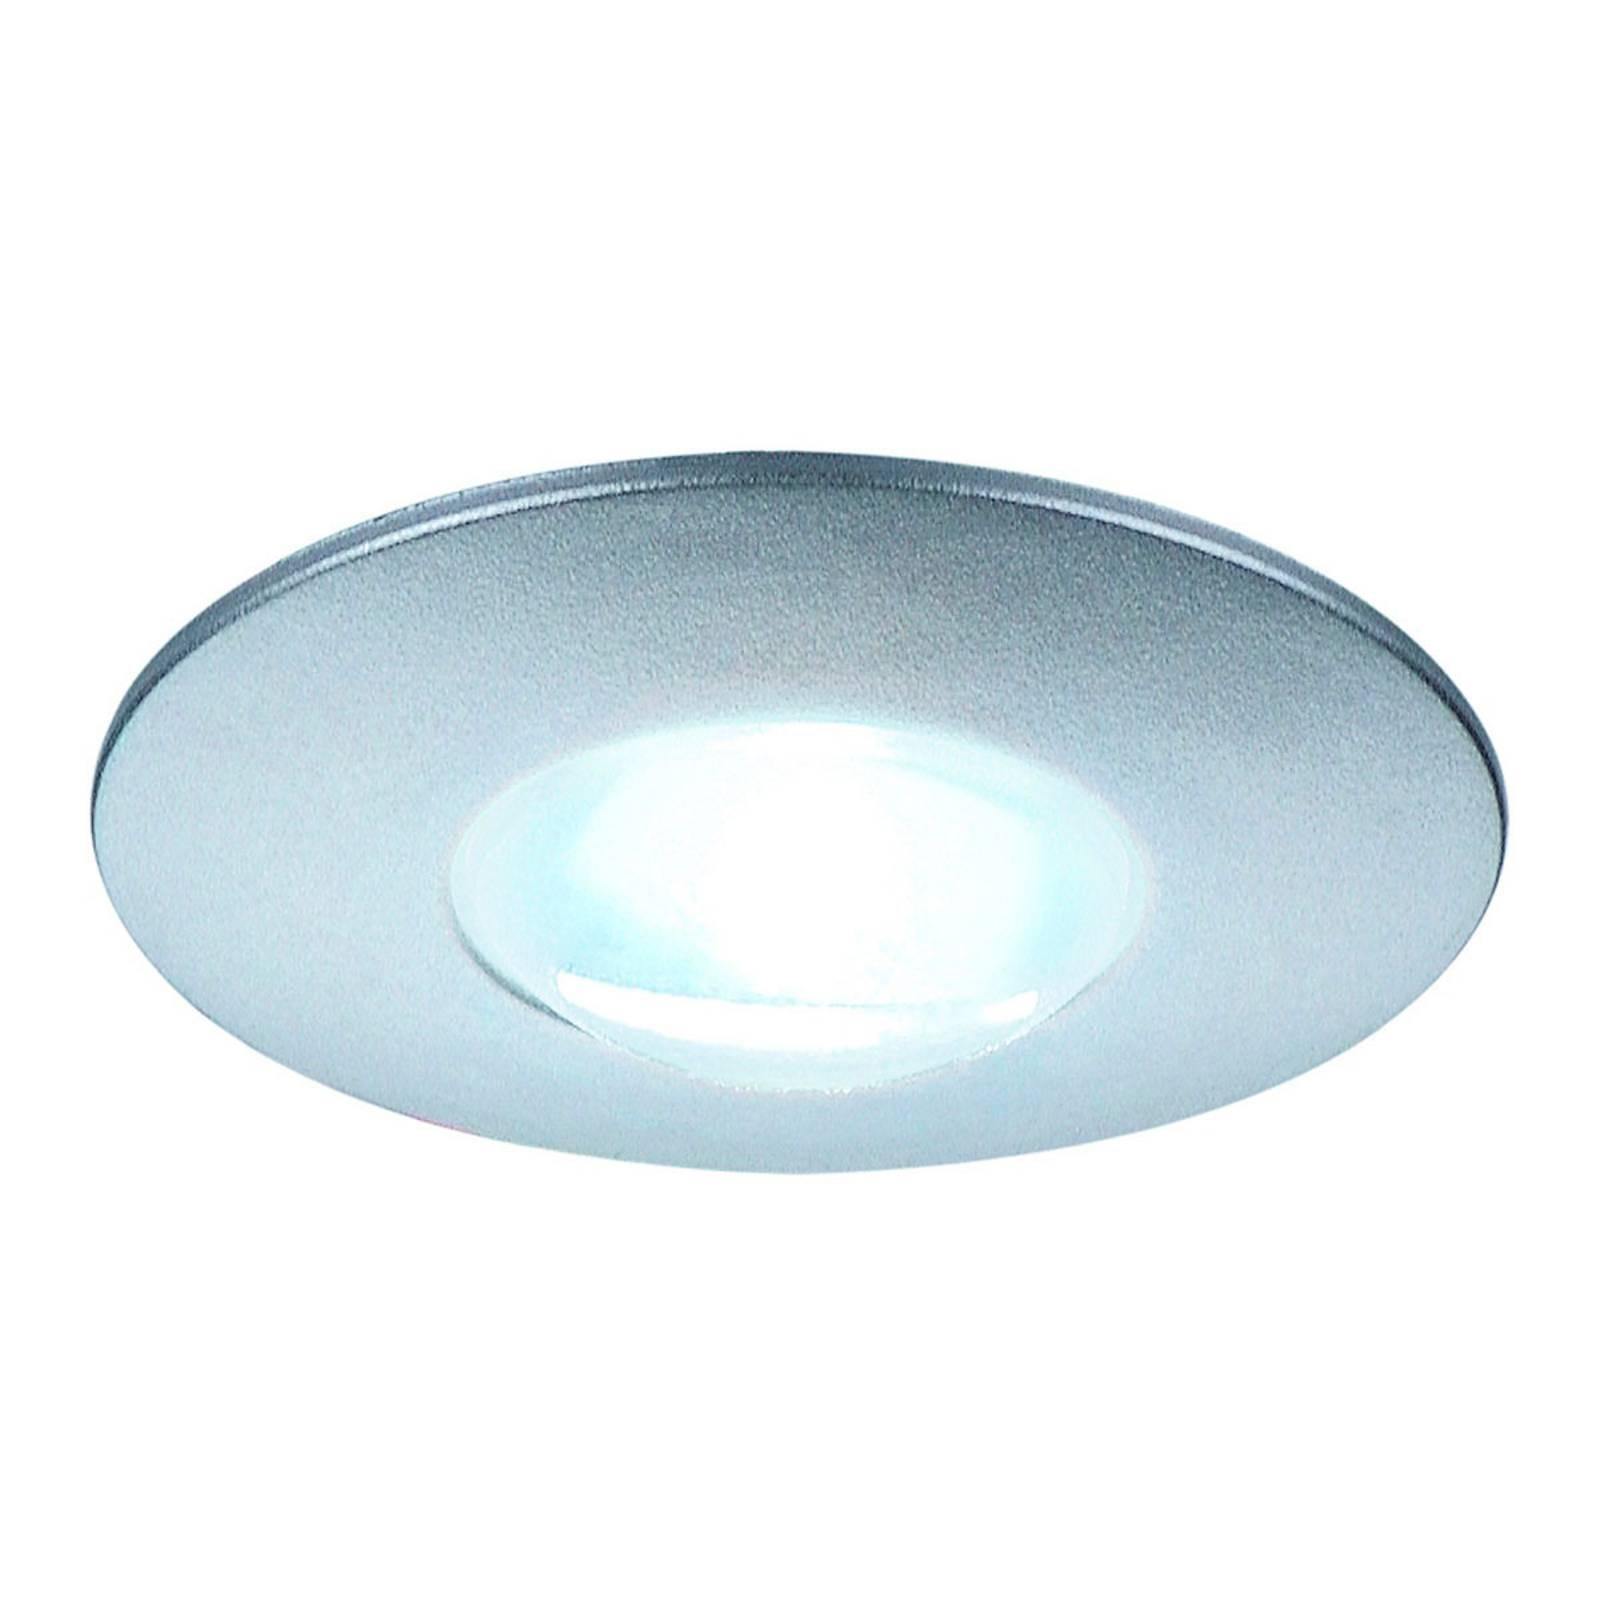 SLV plafondled LED inbouwspot universeel wit 4000K